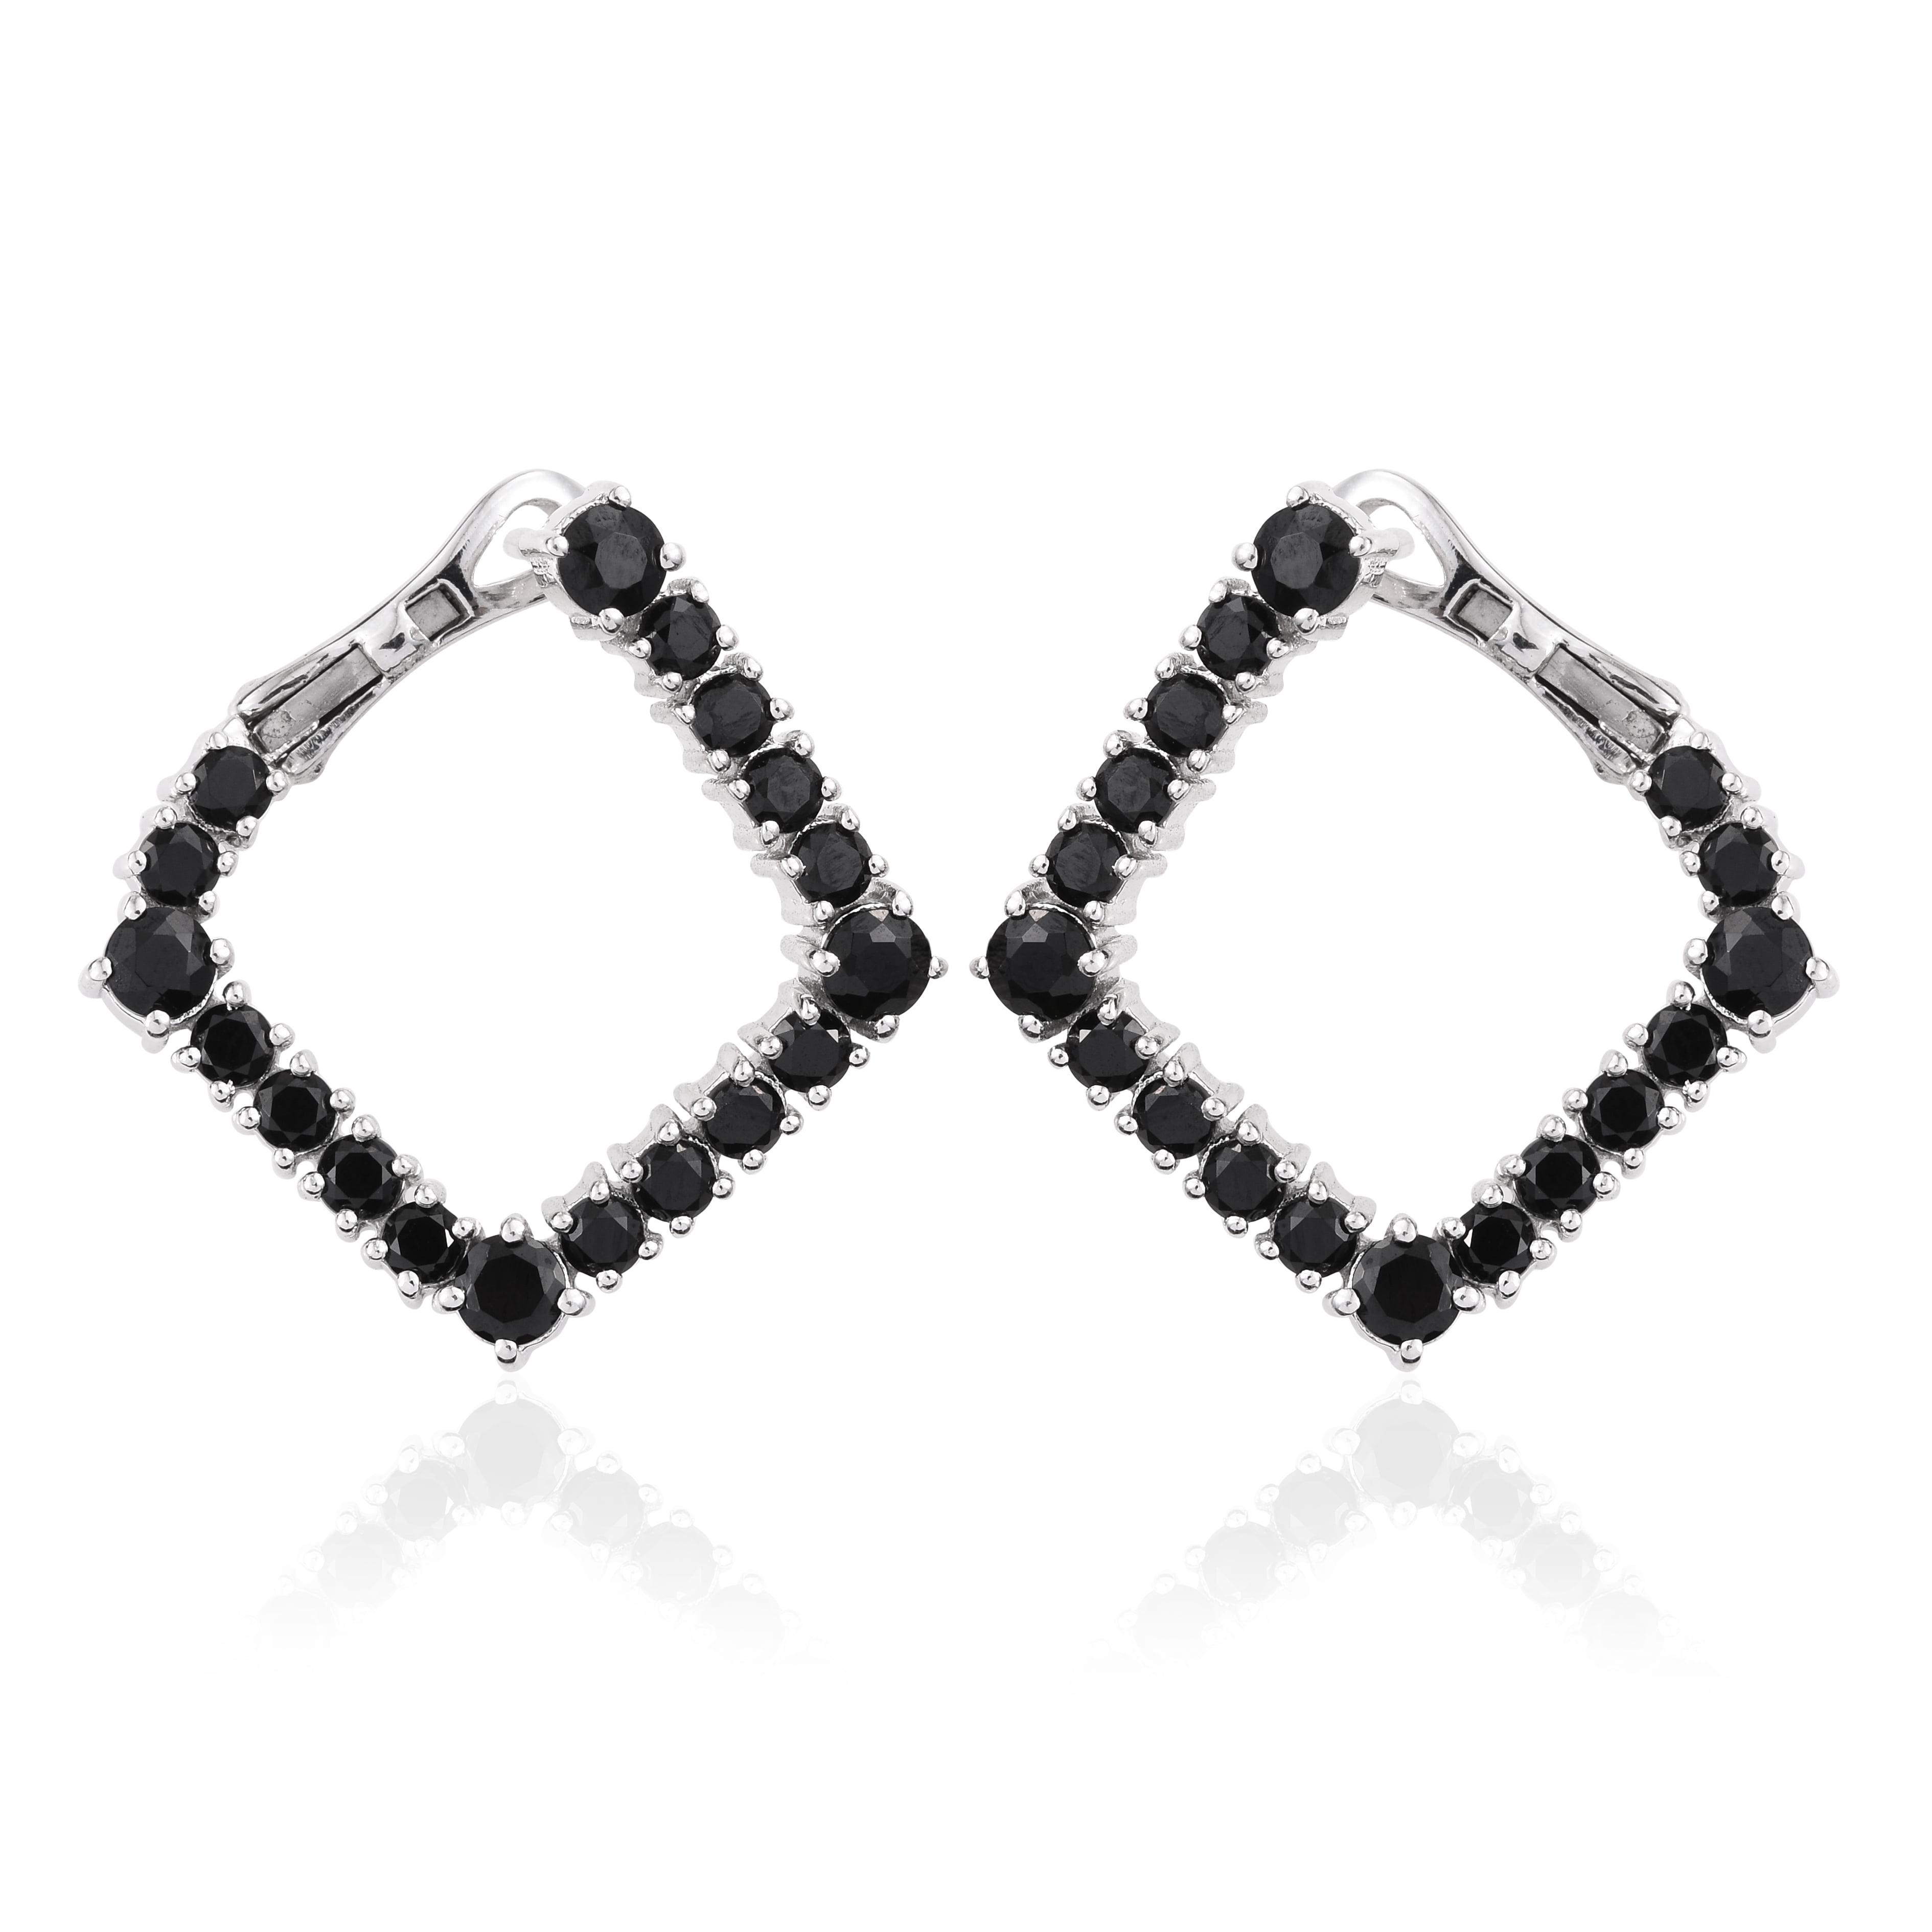 Sterling Silver 925 Hoops Hoop Earrings For Women Hypoallergenic Gift Jewelry